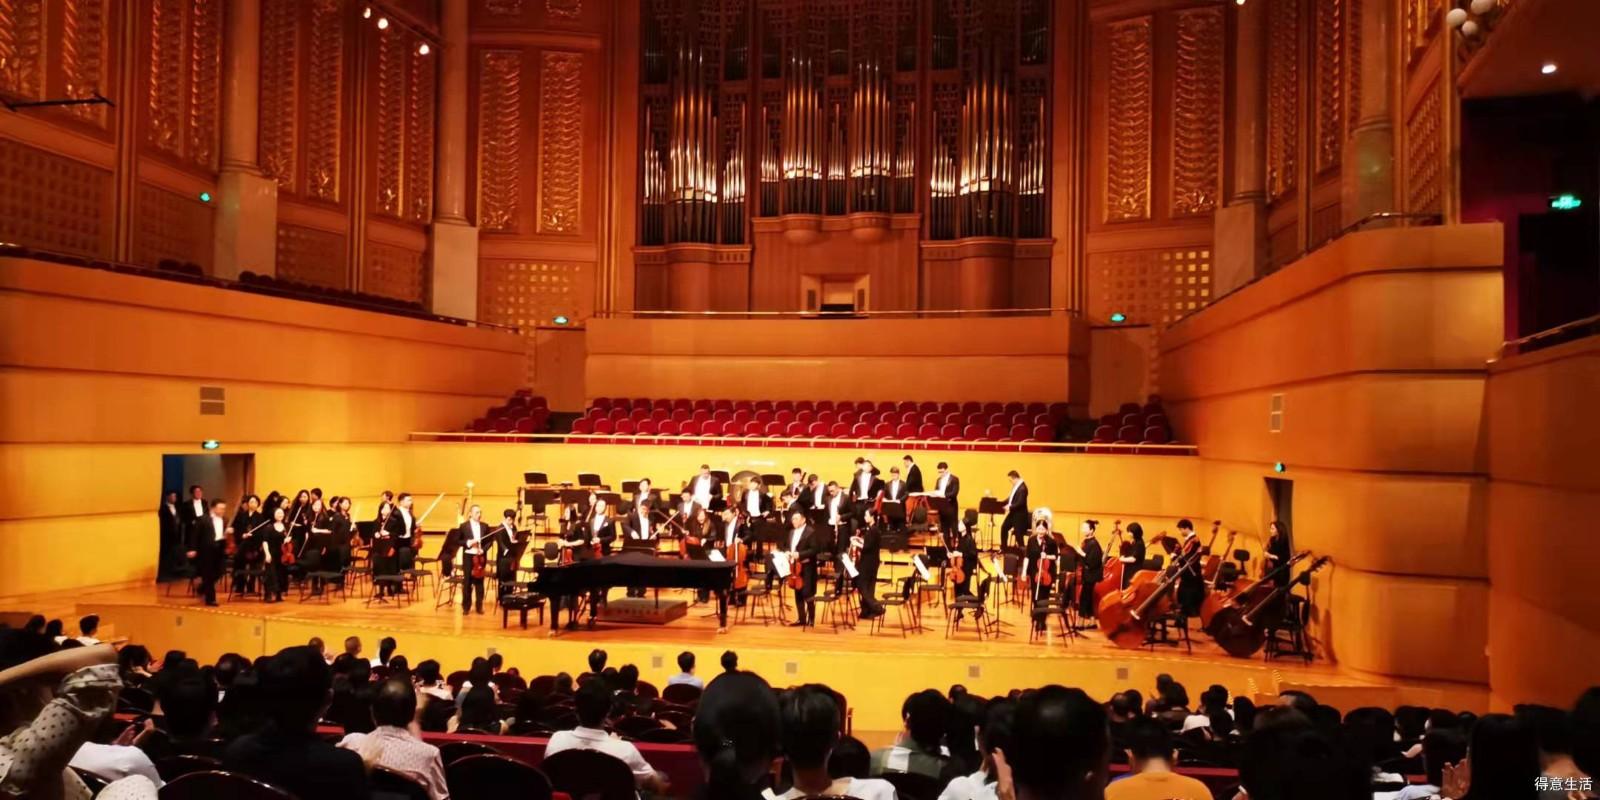 汇报帖:中了杭州爱乐乐团2021全国巡演武汉音乐会门票,现场太震撼了!